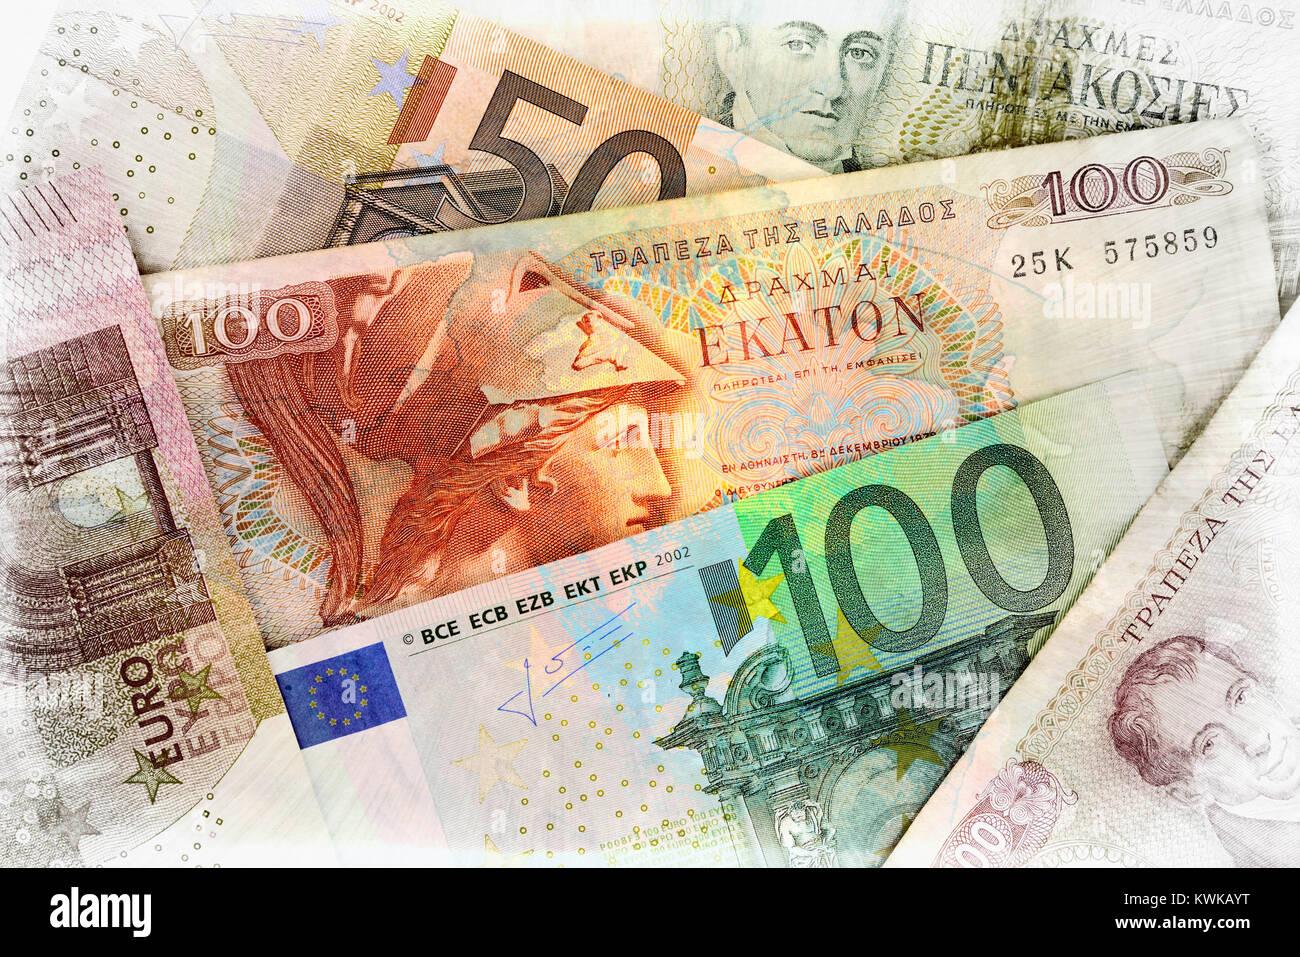 Griego y, Griechische drachms euronotes Drachmen und Euroscheine Foto de stock